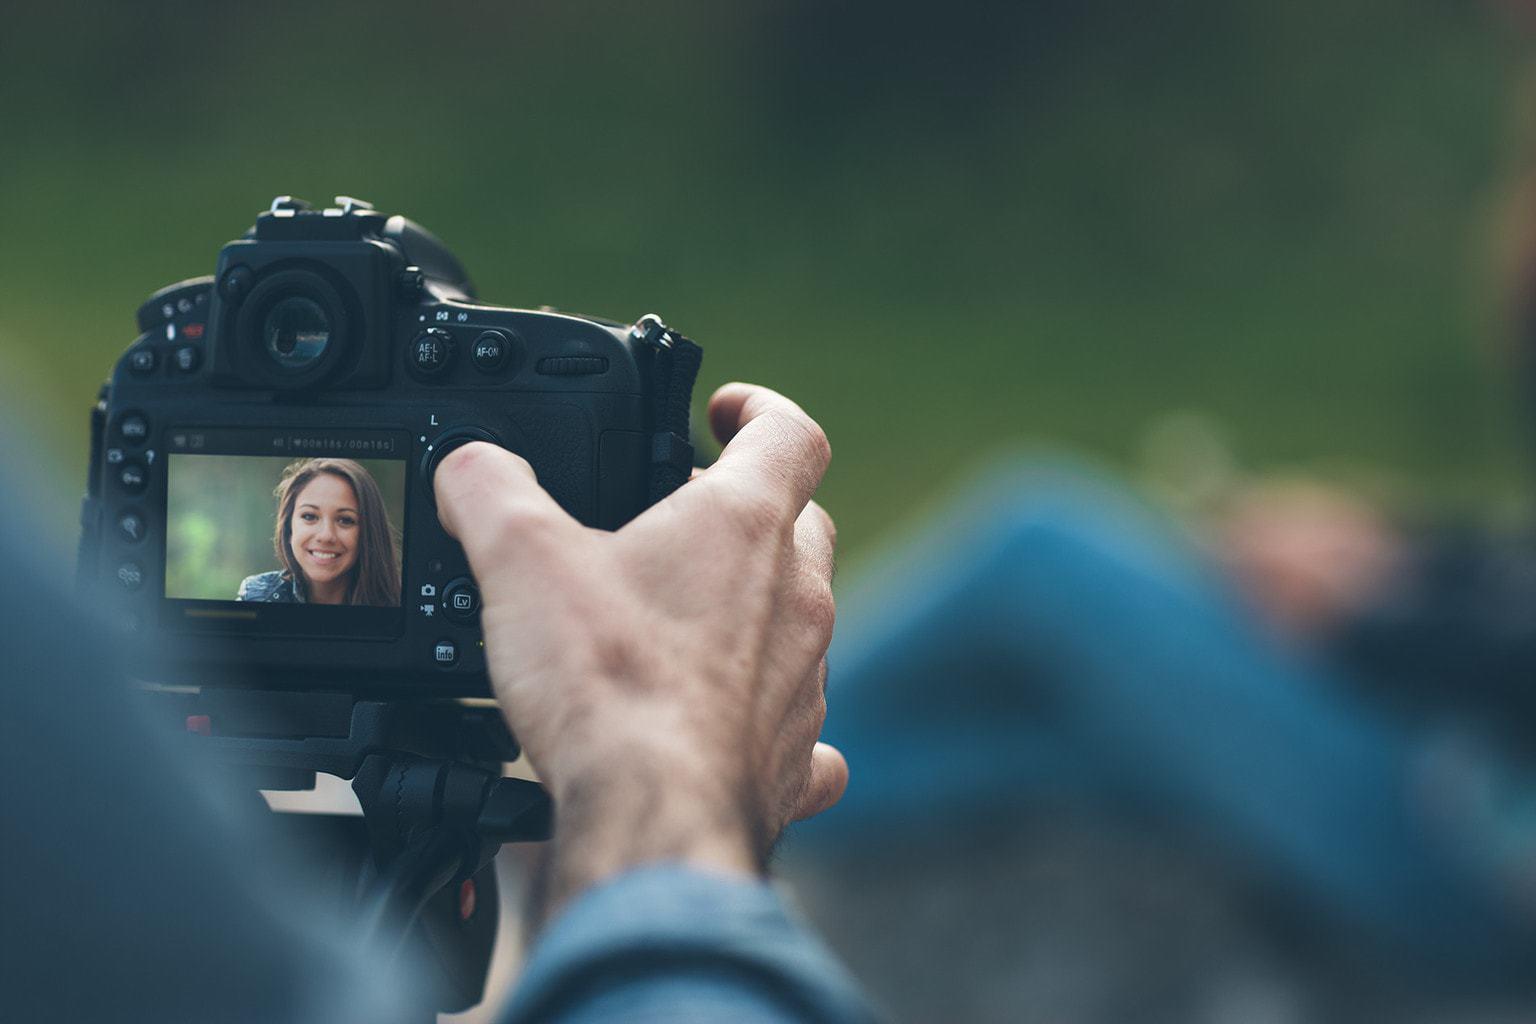 El mejor curso de fotografia taringa 33